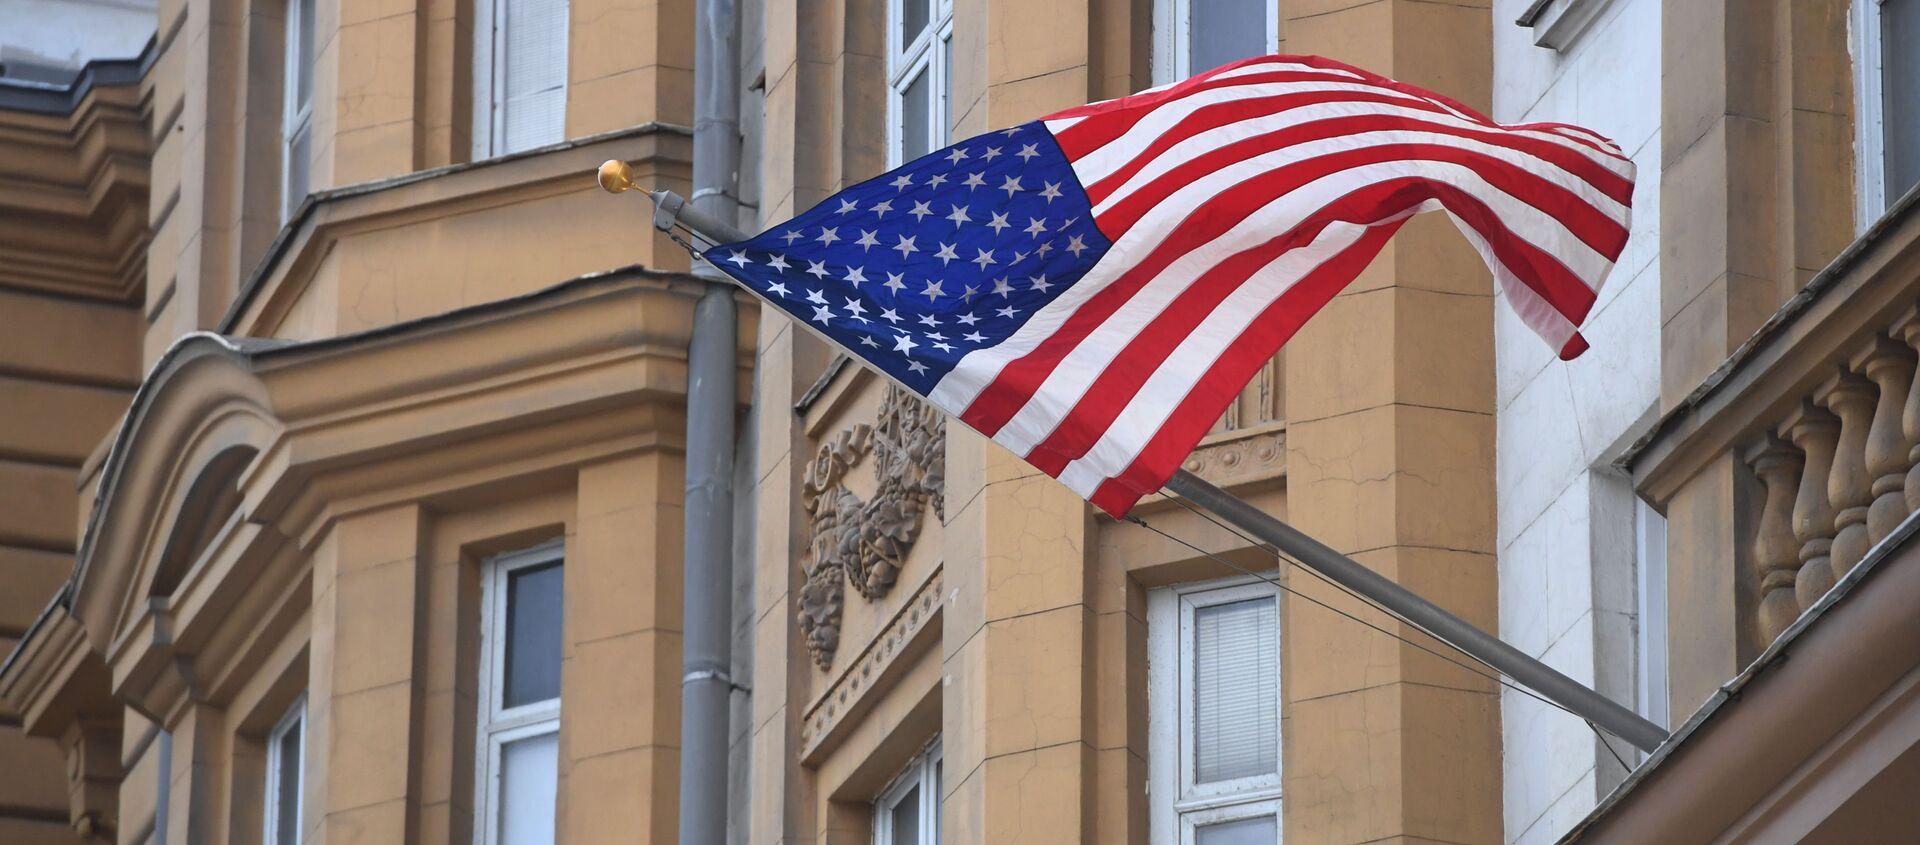 Państwowa flaga Stanów Zjednoczonych na fasadzie ambasady USA w Moskwie - Sputnik Polska, 1920, 26.04.2021